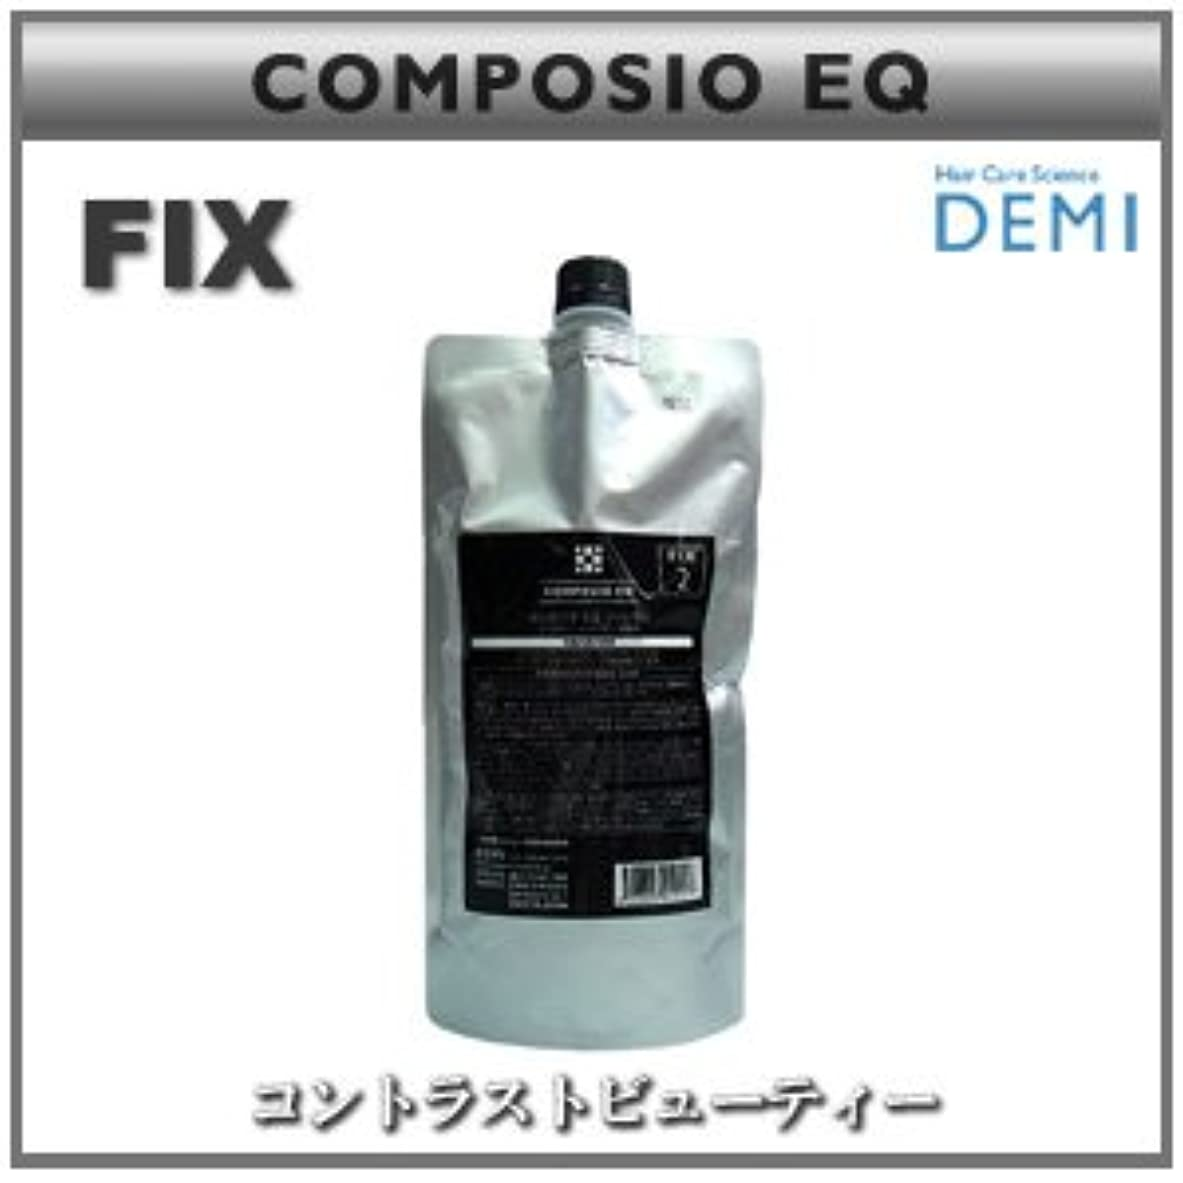 グリース電化するチェリー【X5個セット】 デミ コンポジオ EQ フィックス 450g